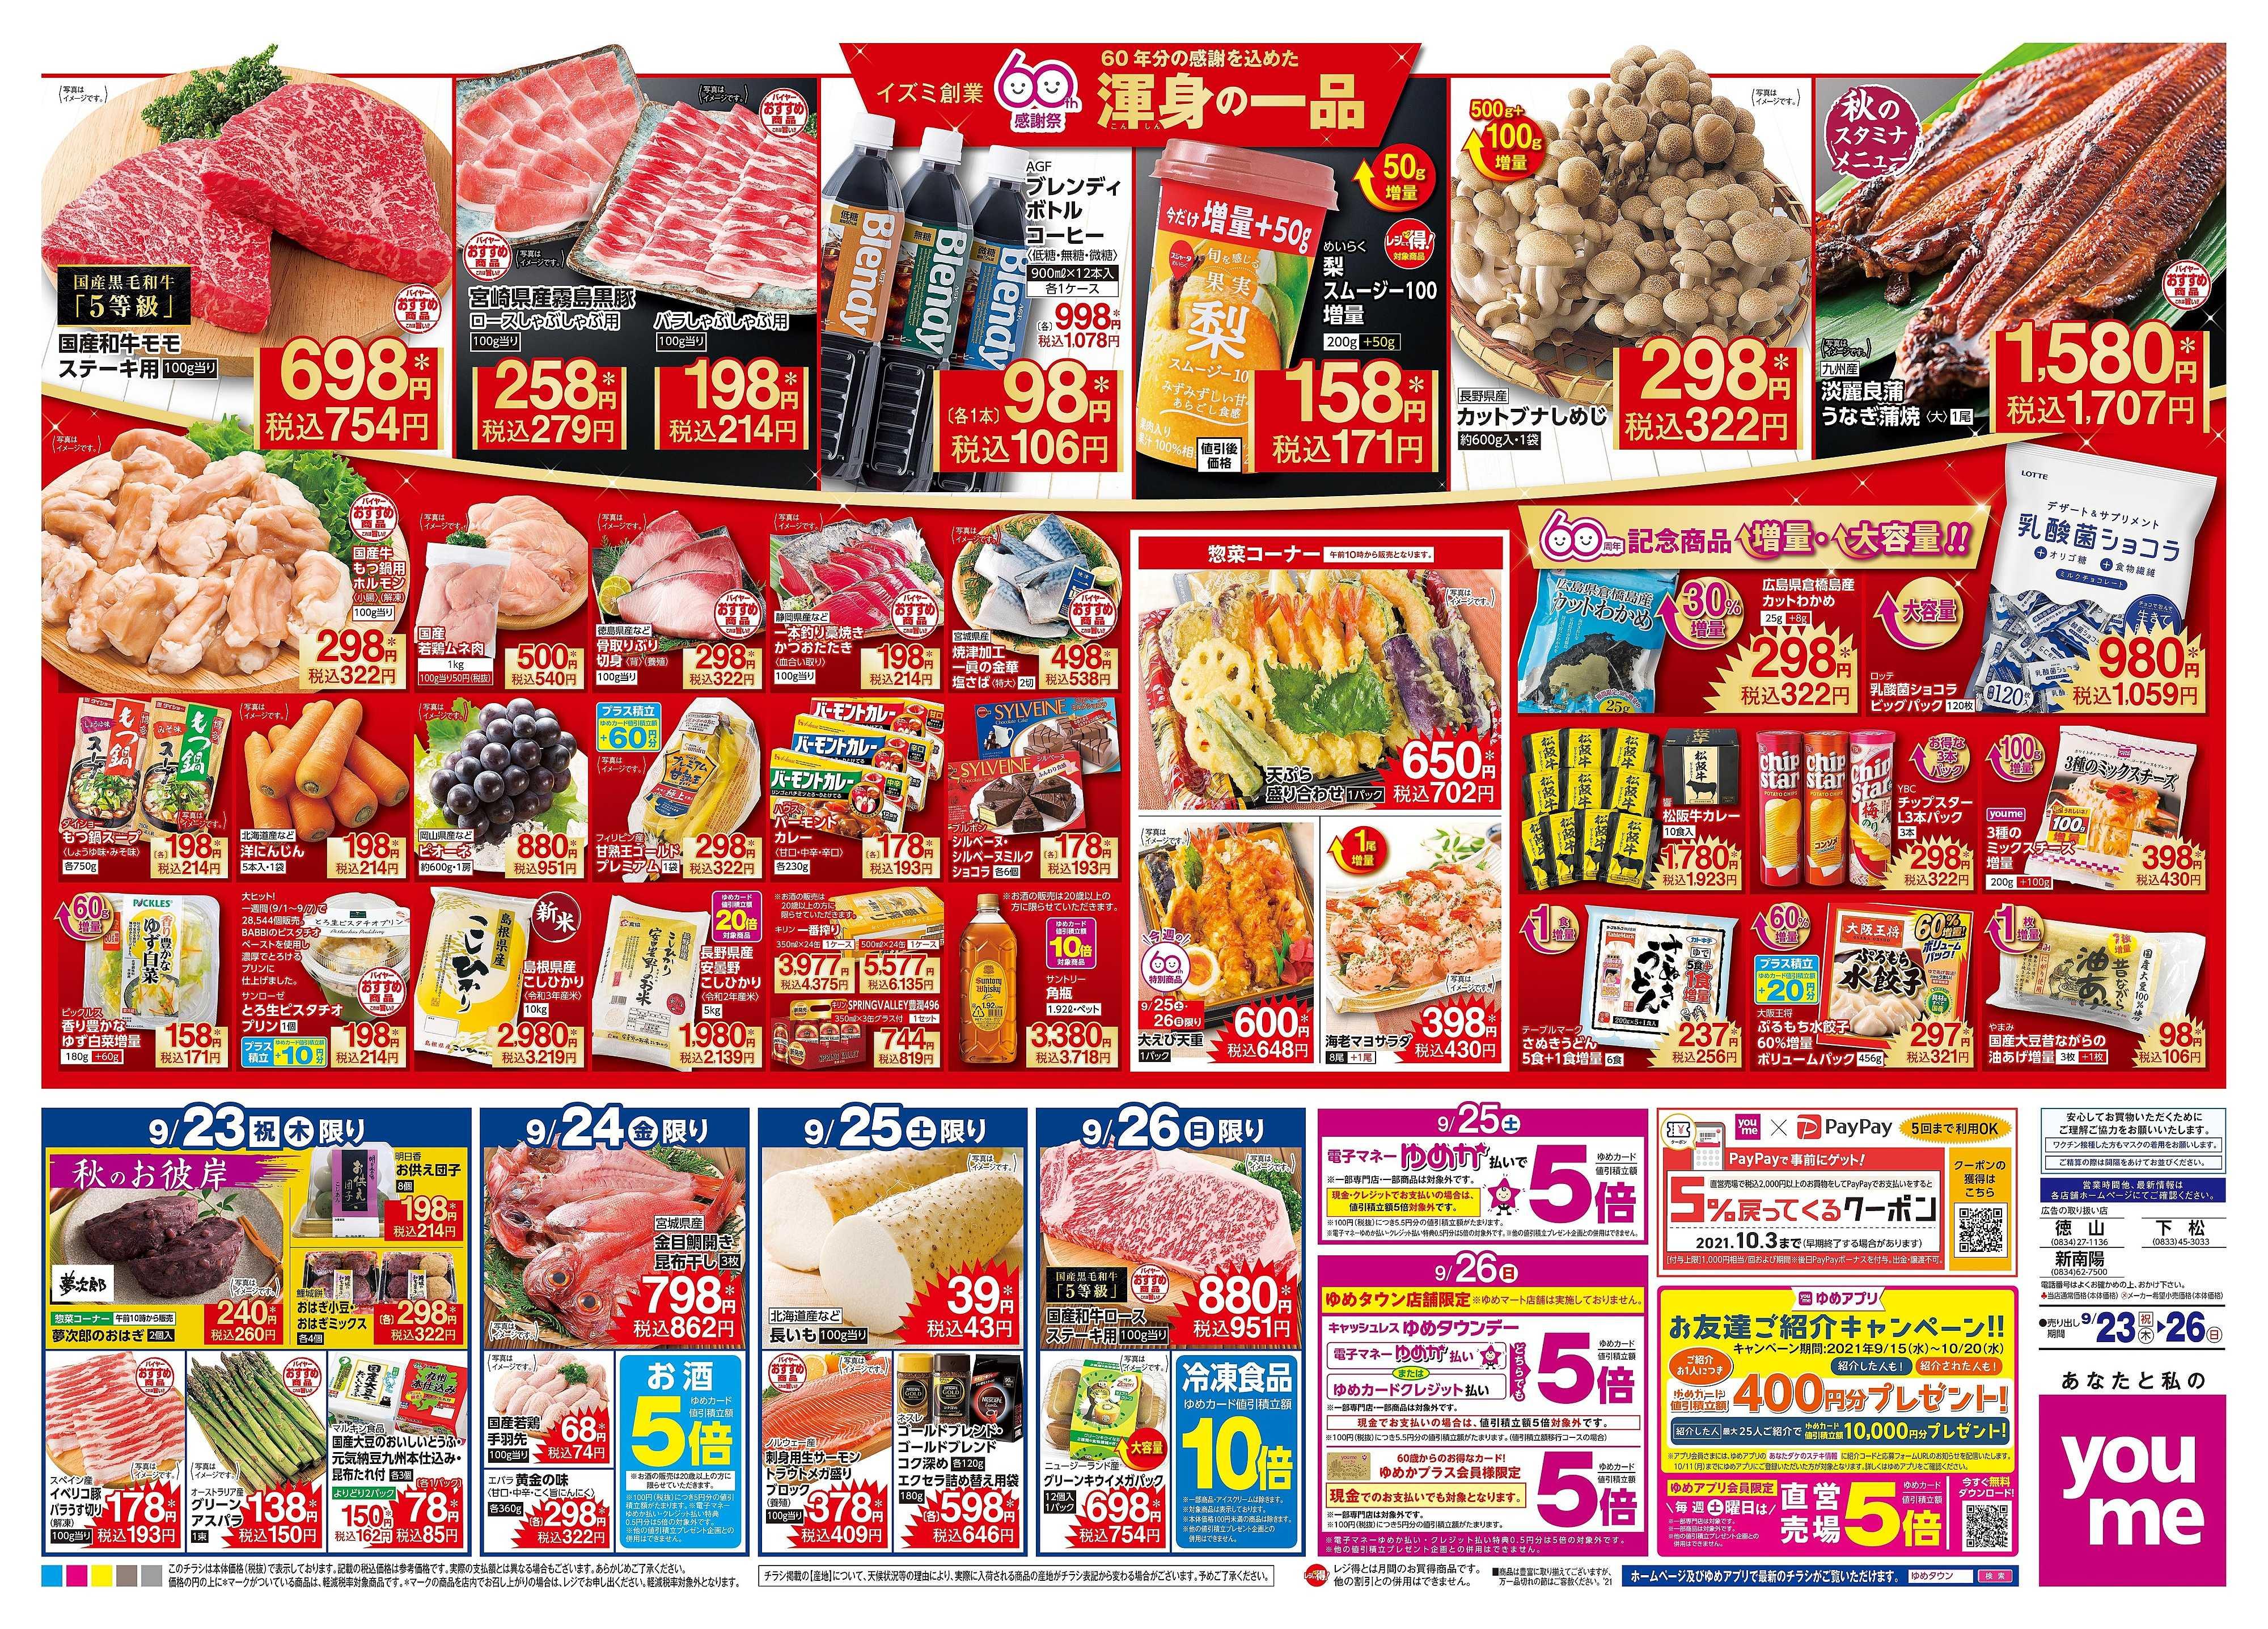 ゆめタウン 9/23(祝・木)-9/26(日)